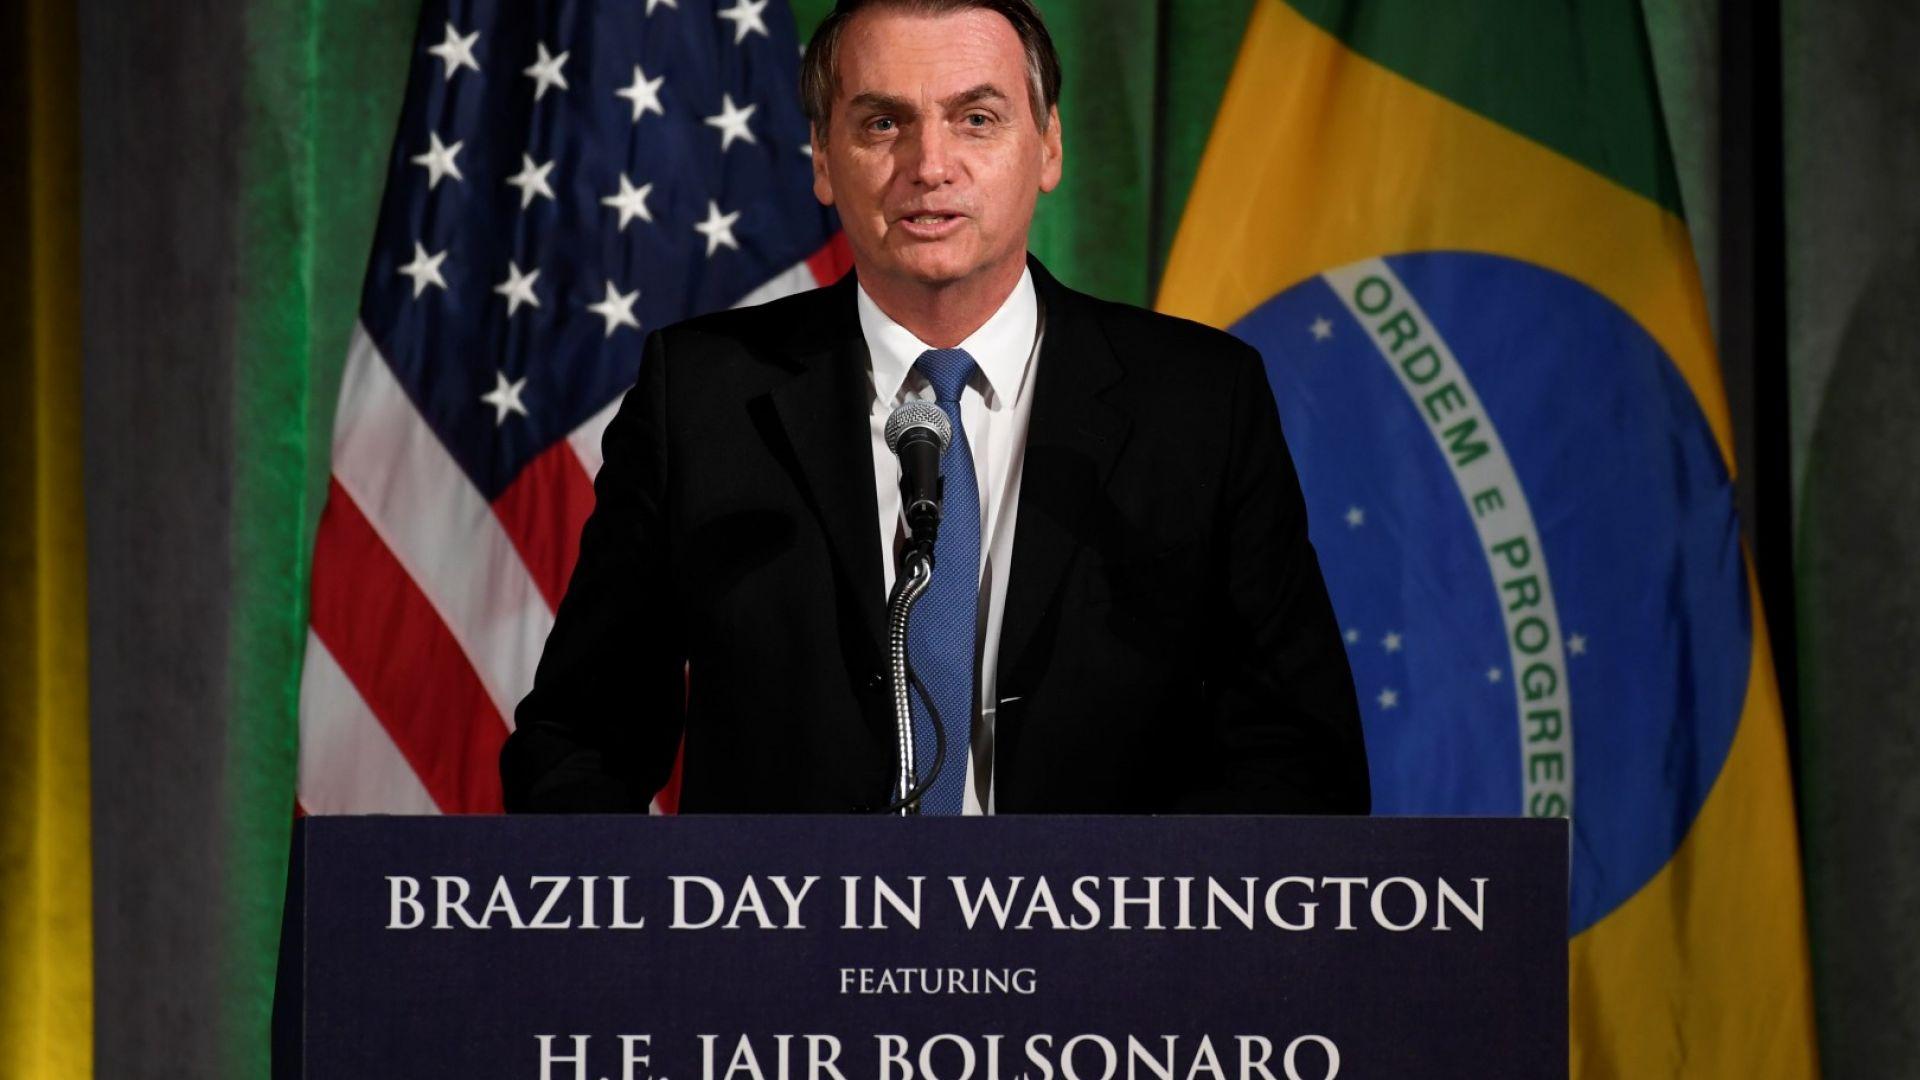 Бразилският президент Жаир Болсонаро подписа във Вашингтон споразумение, което ще